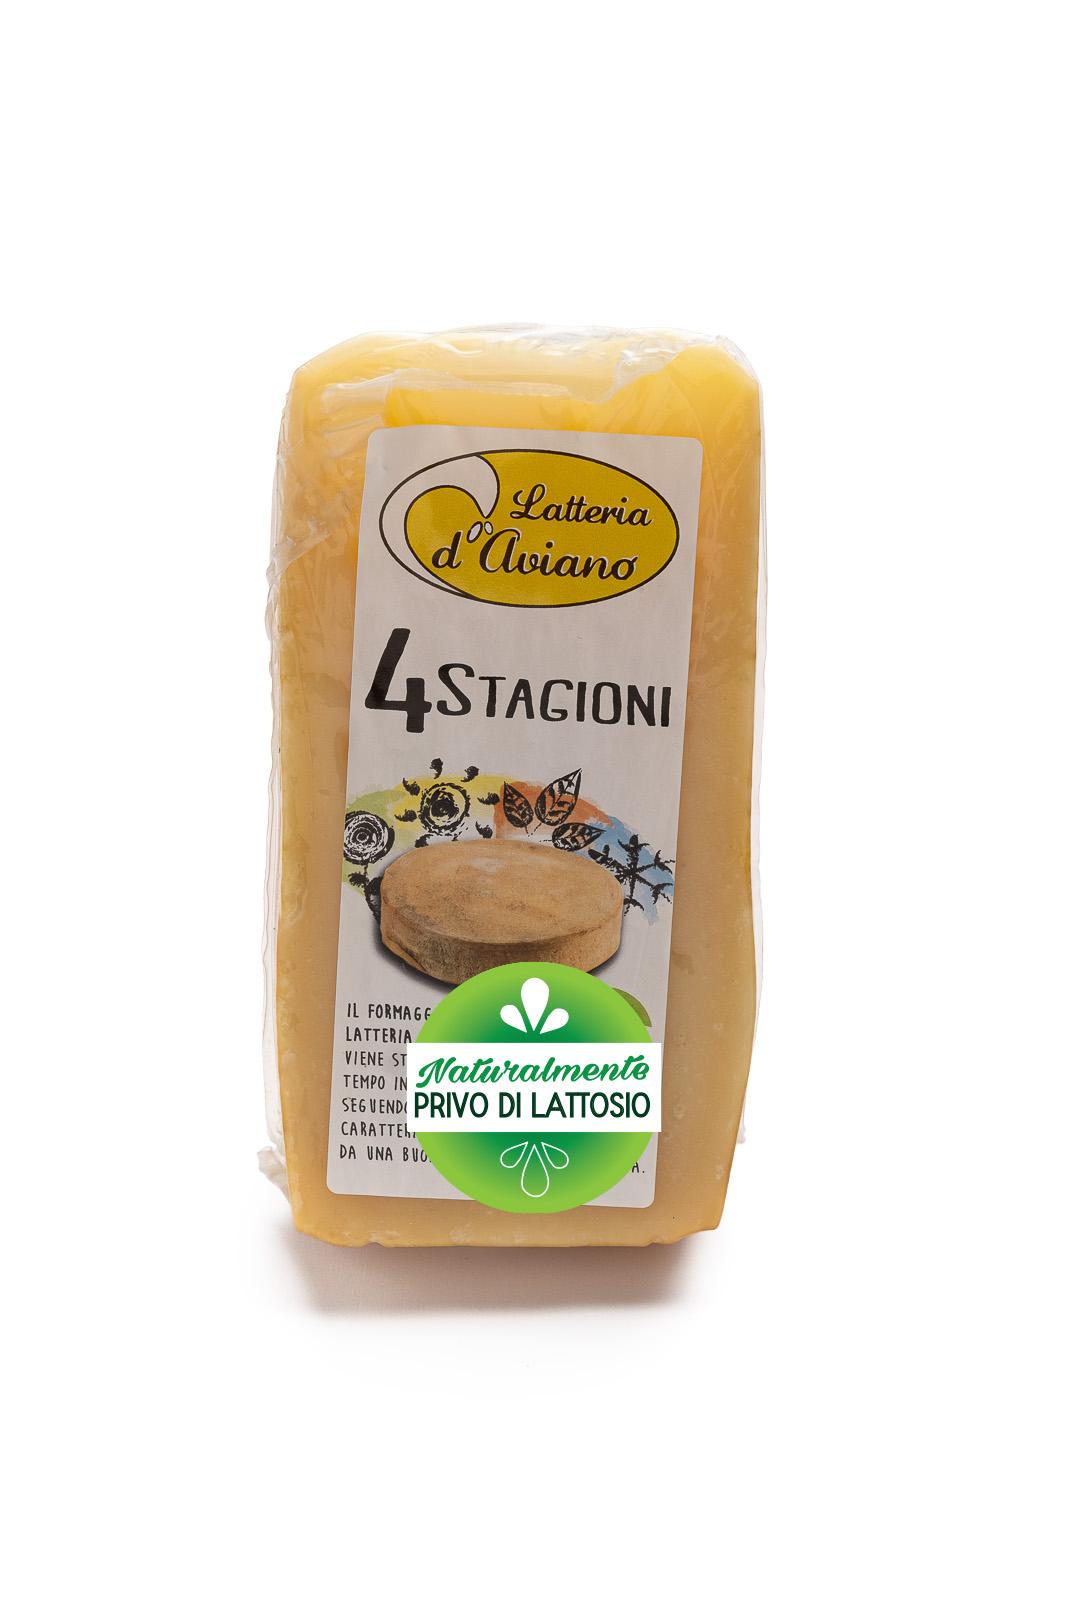 Formaggio - senza lattosio - latteria d'Aviano Quattro stagioni - Del Ben Formaggi - 300g